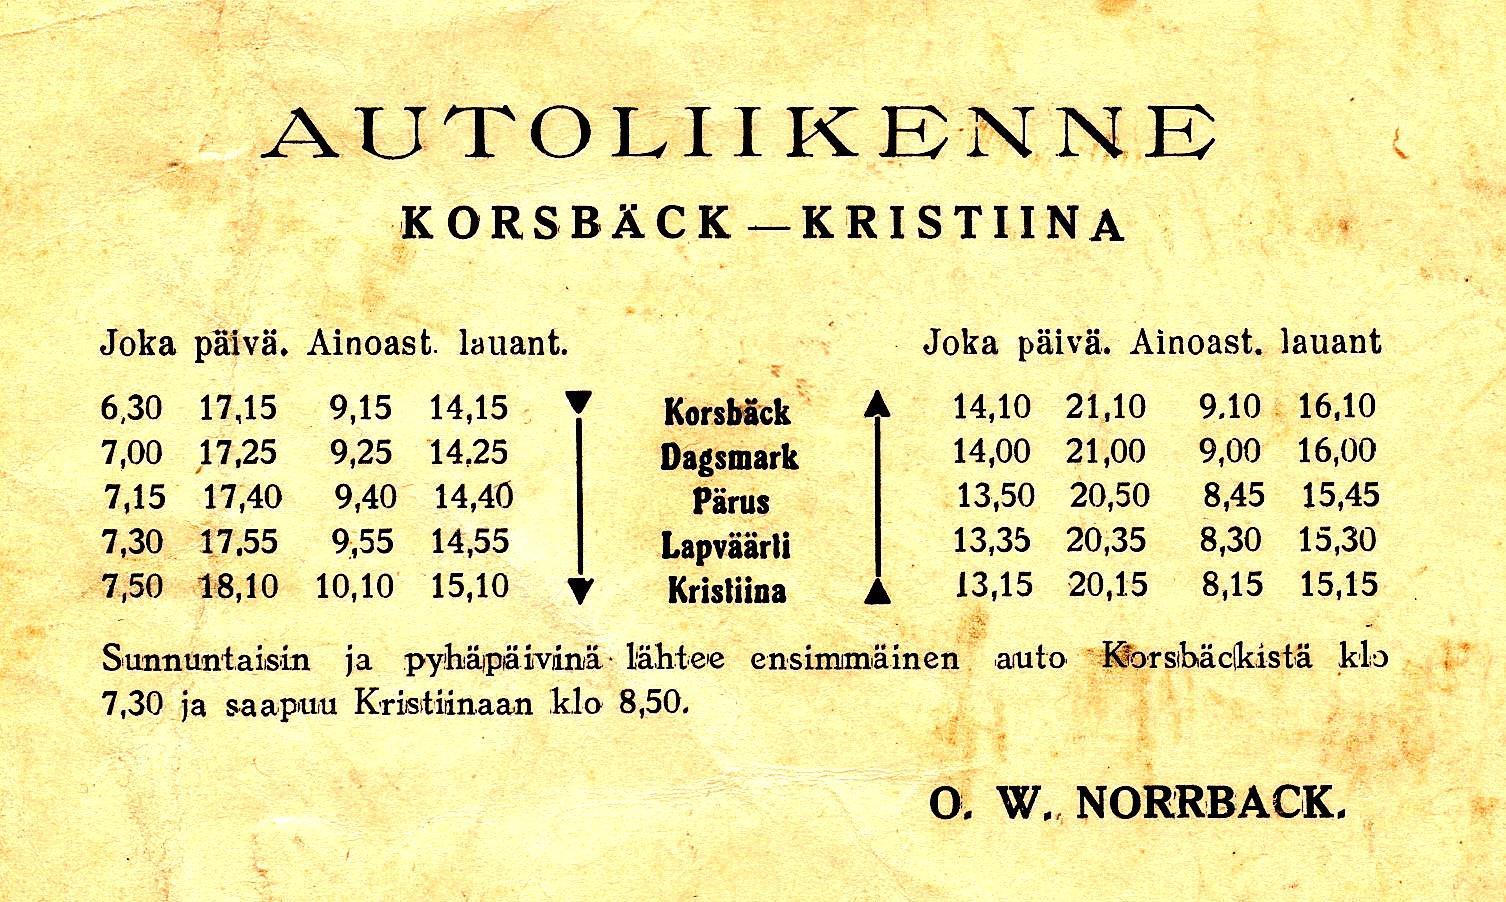 Norrback idkade också regelbunden busstrafik mellan Korsbäck och Kristinestad. Max Klockars har hittat denna tidtabell som förvånande nog är på finska.